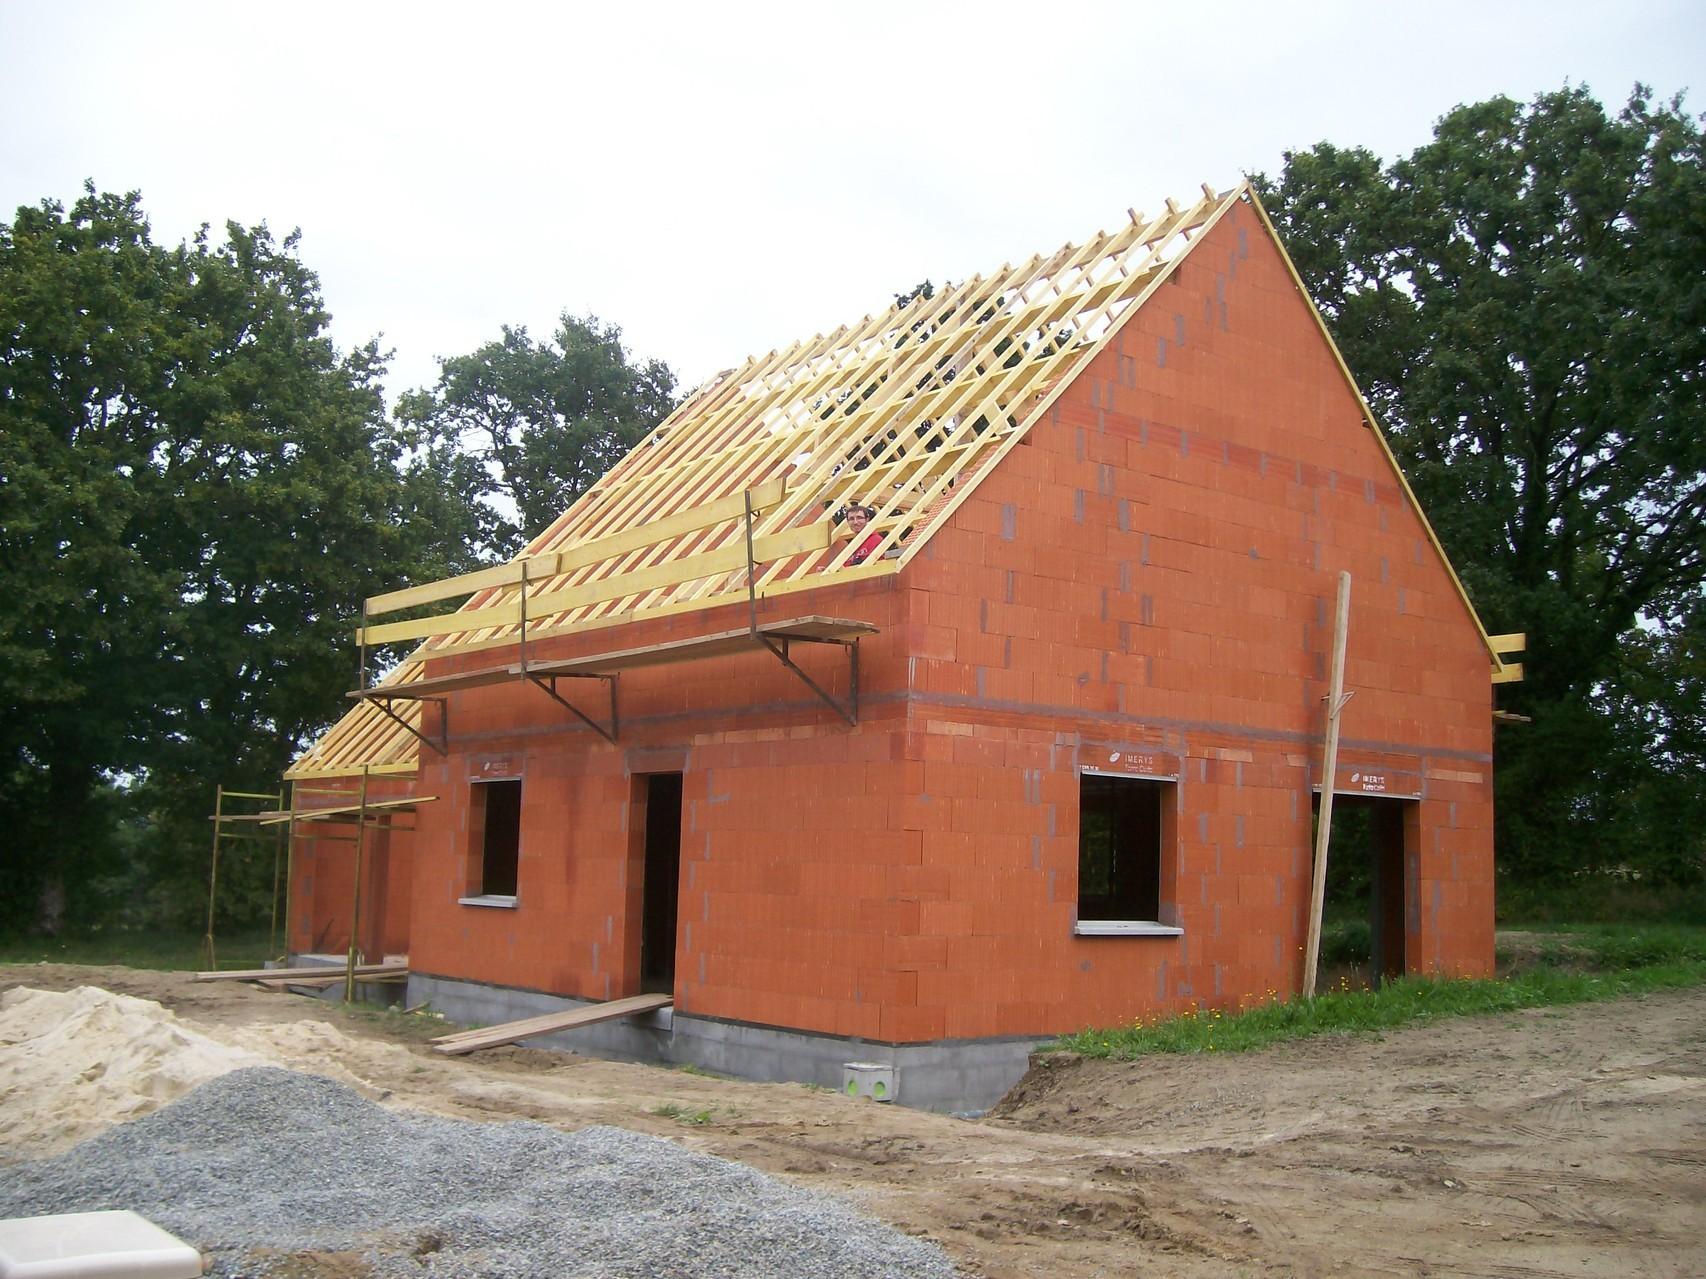 Faire construire sa maison hors d eau hors d air maison for Prix construction maison hors d eau hors d air